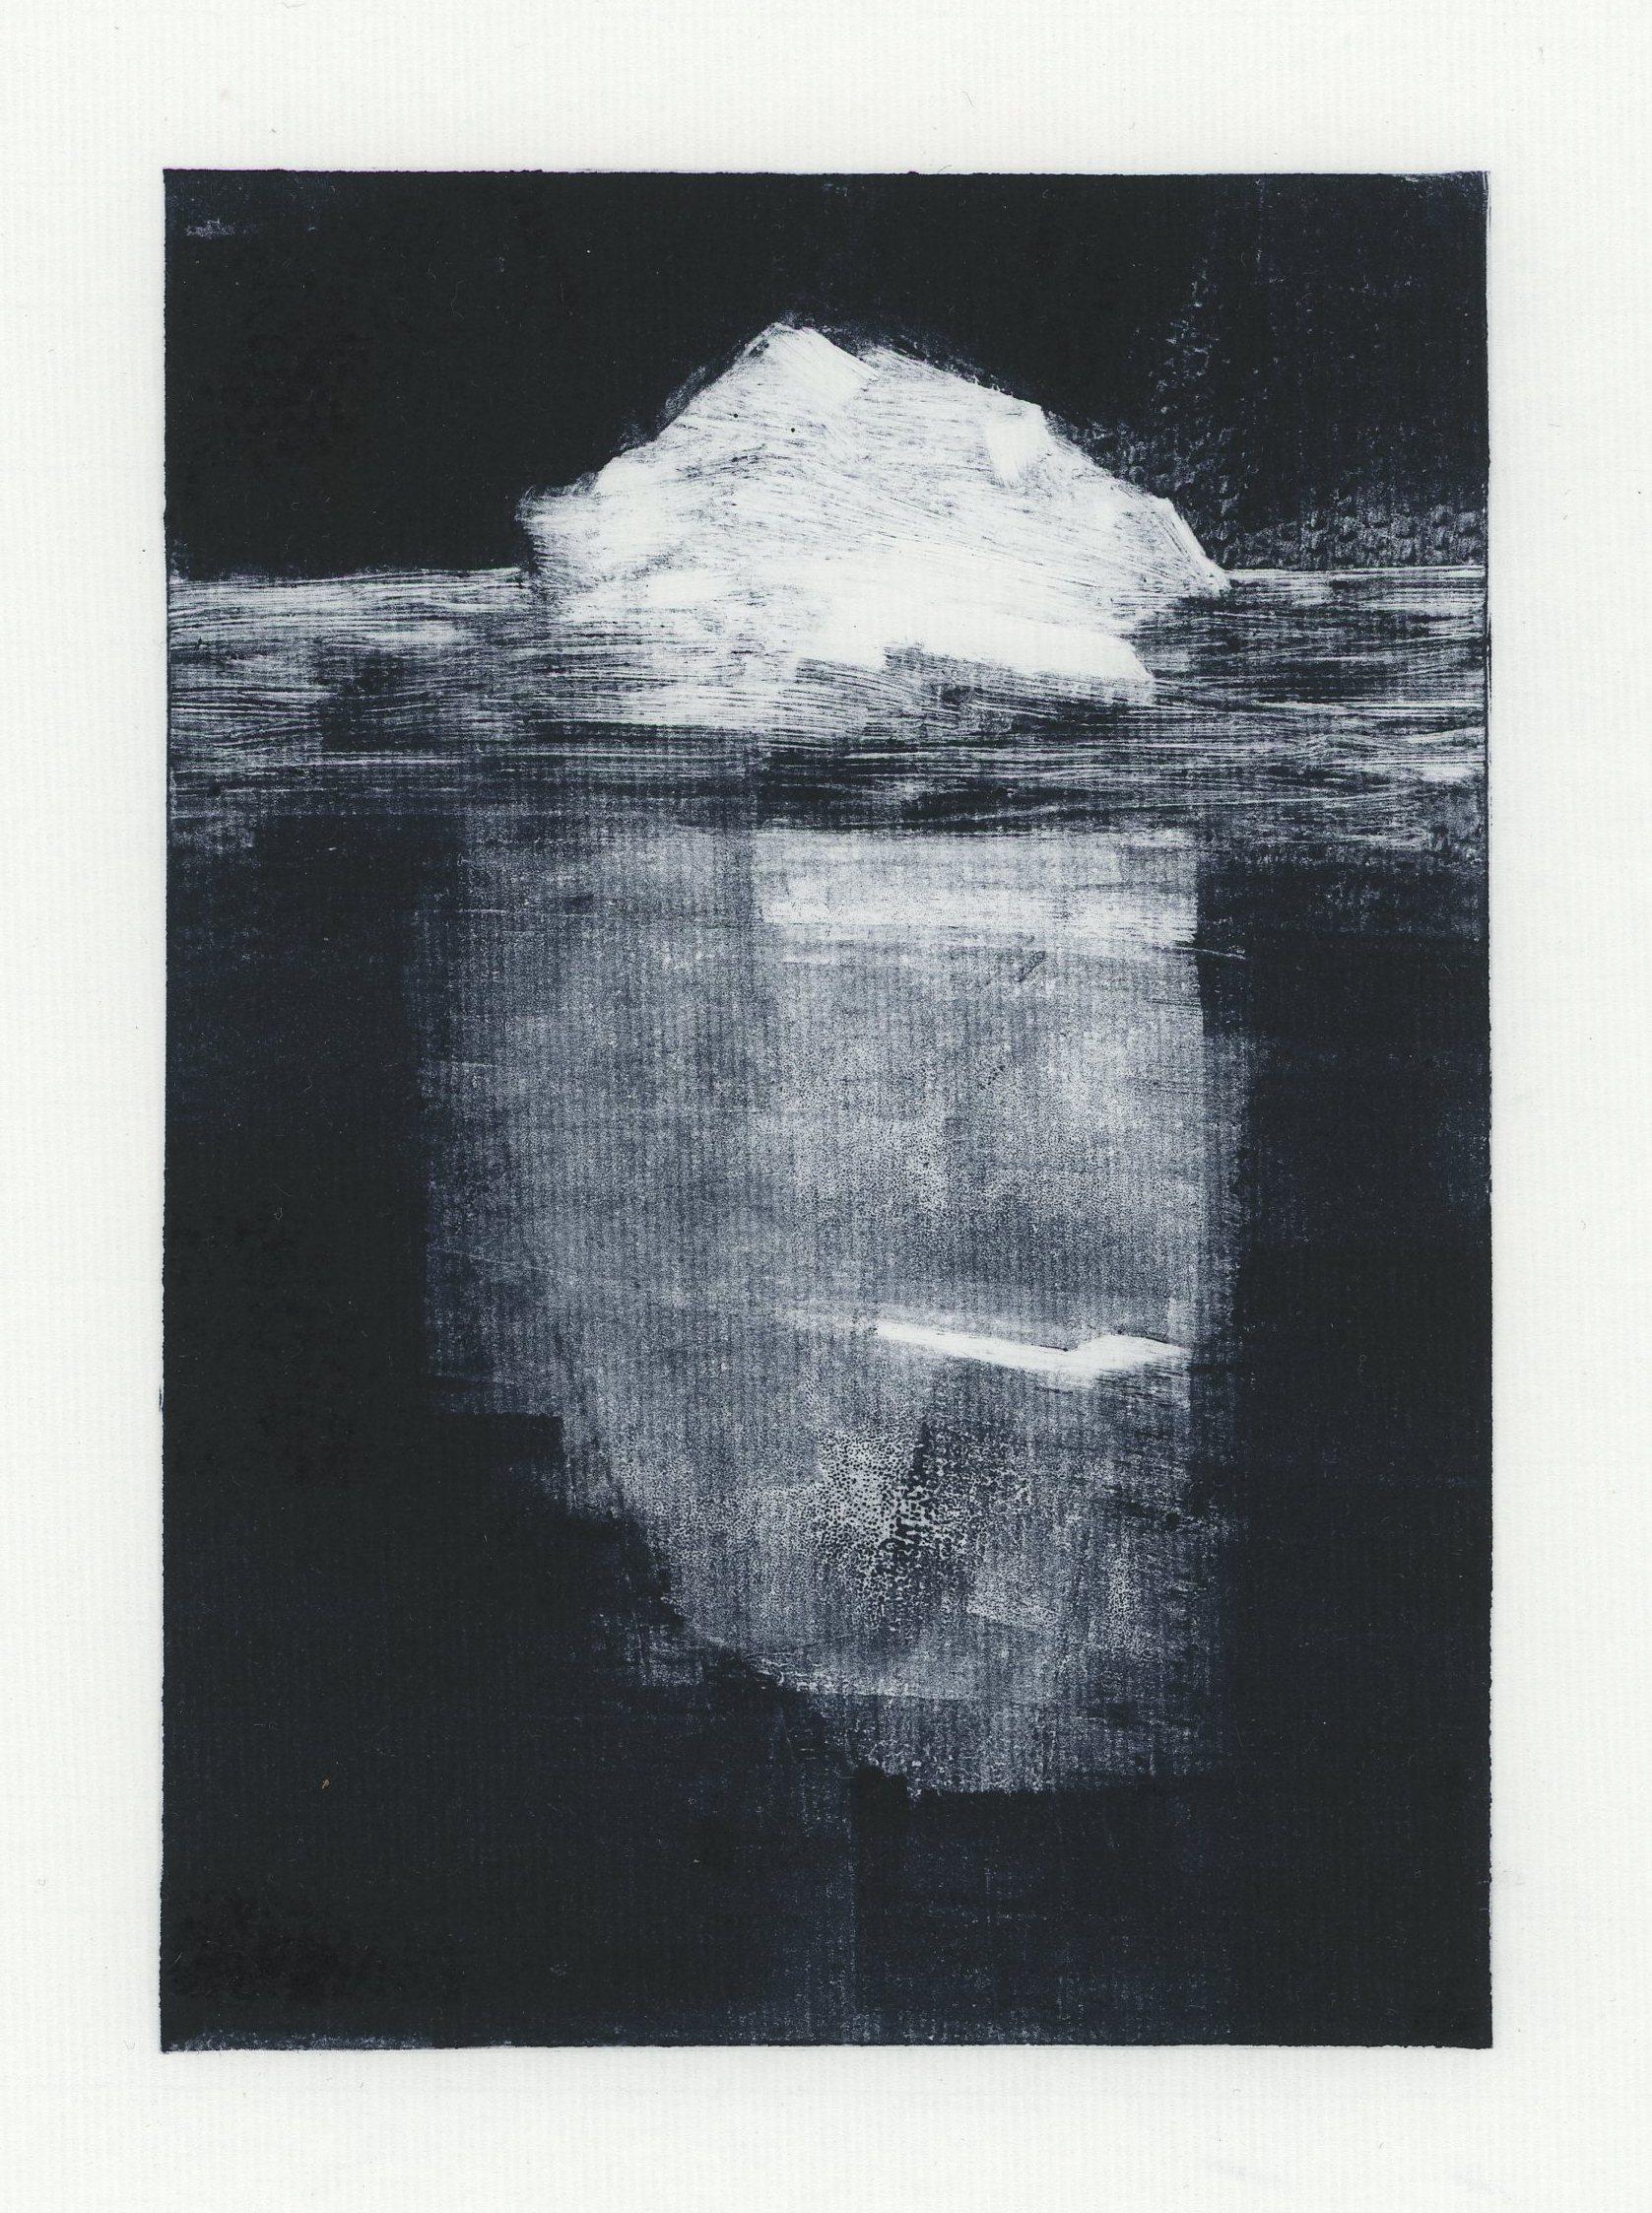 Ice28_XXVIII.jpg